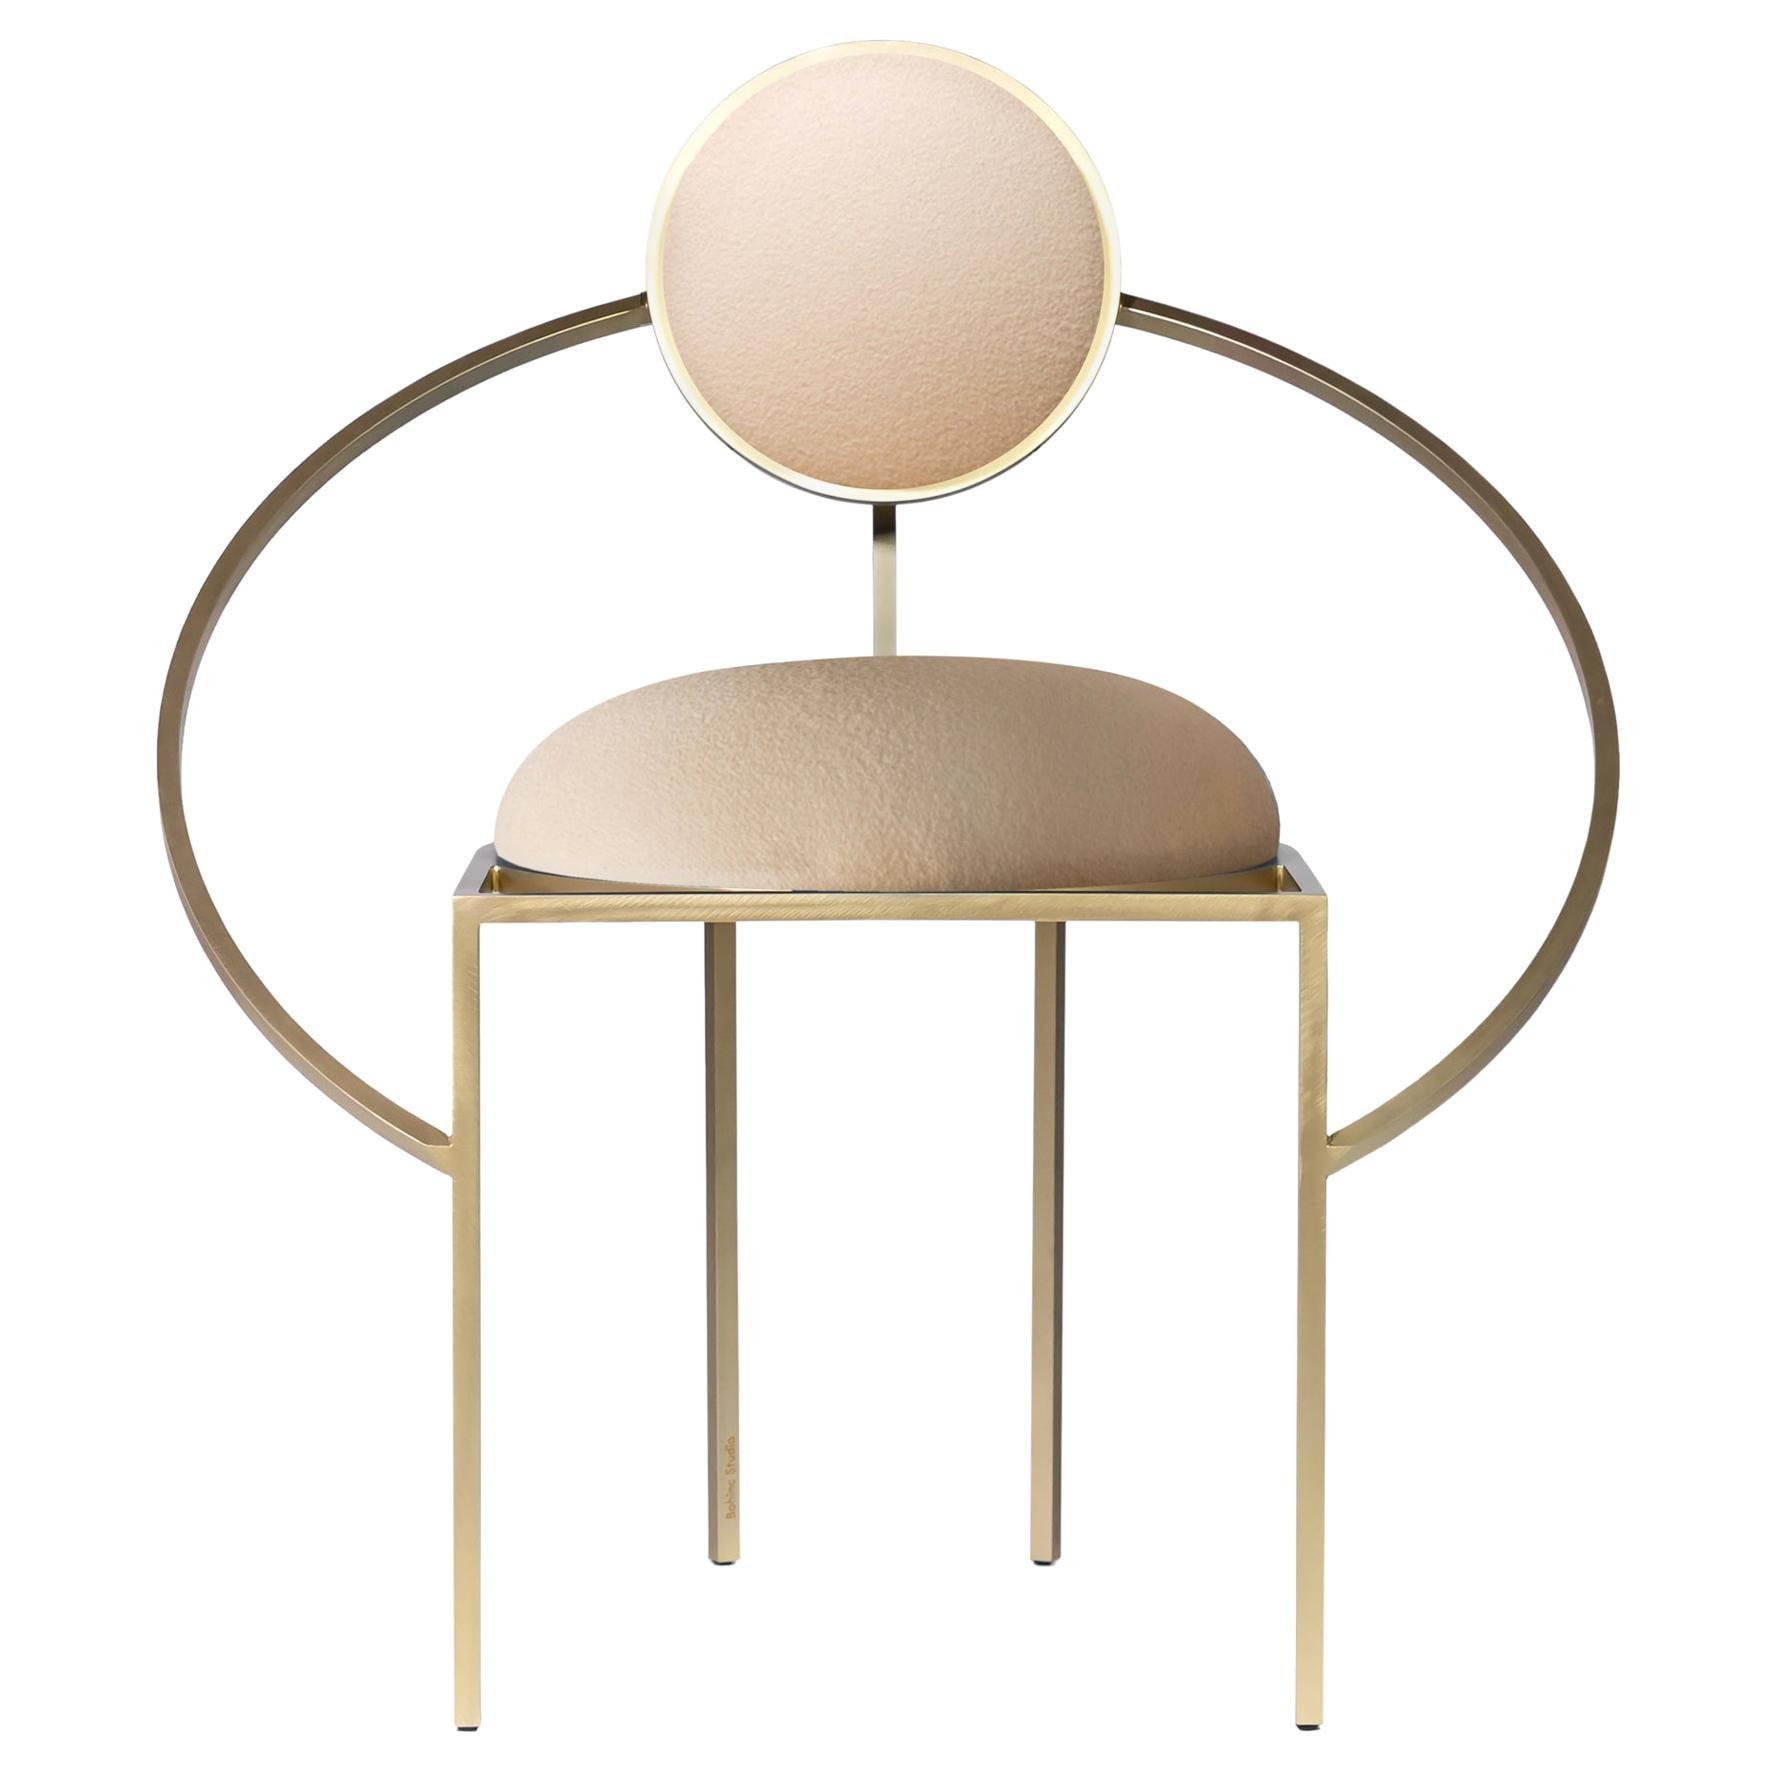 Lara Bohinc, Orbit Chair, Brushed Brass and Cream Wool Fabric